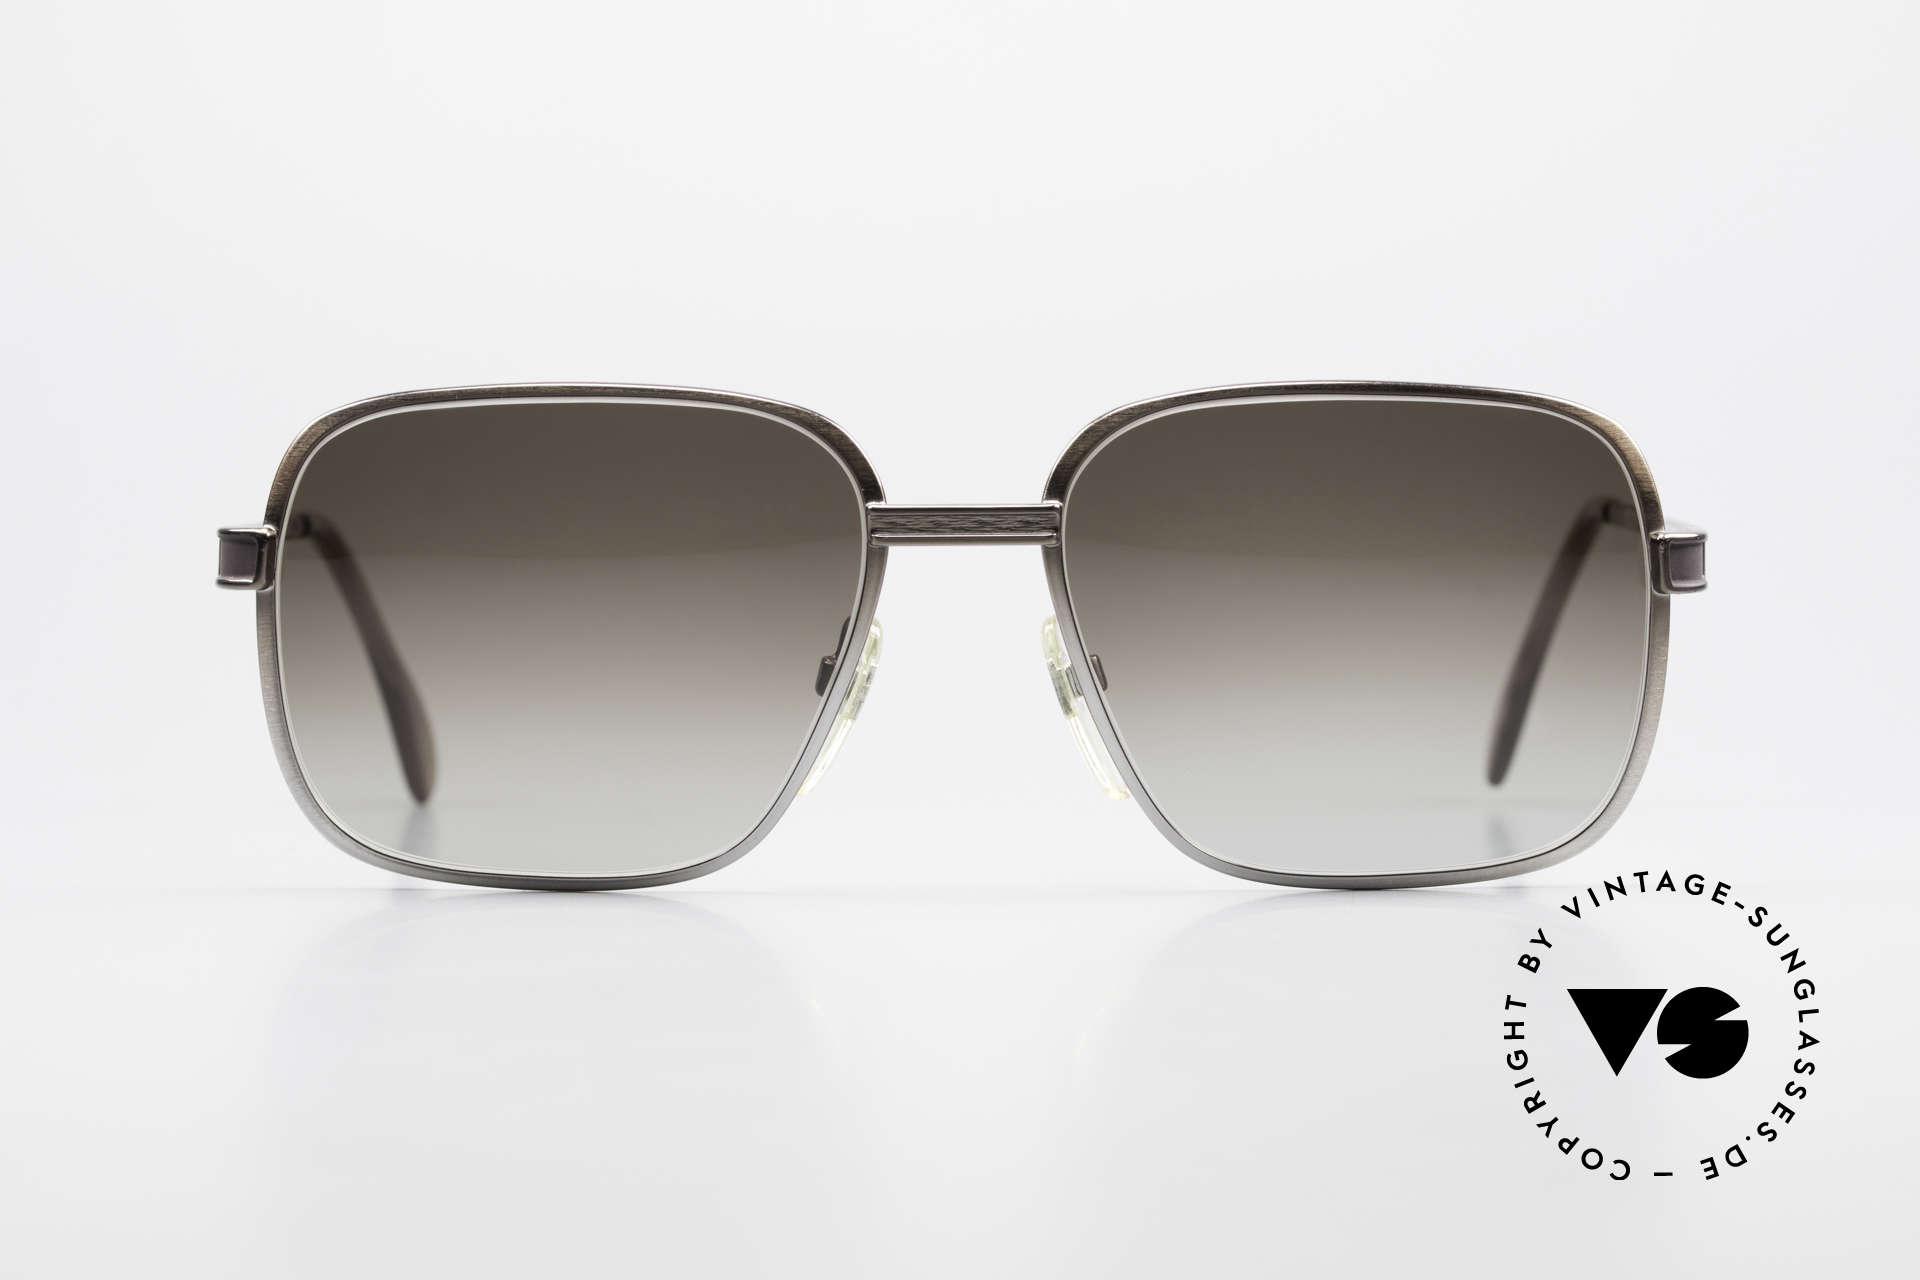 Neostyle Society 190 1980er Haute Couture Brille, damals wahre 'HAUTE COUTURE' für den Herren, Passend für Herren